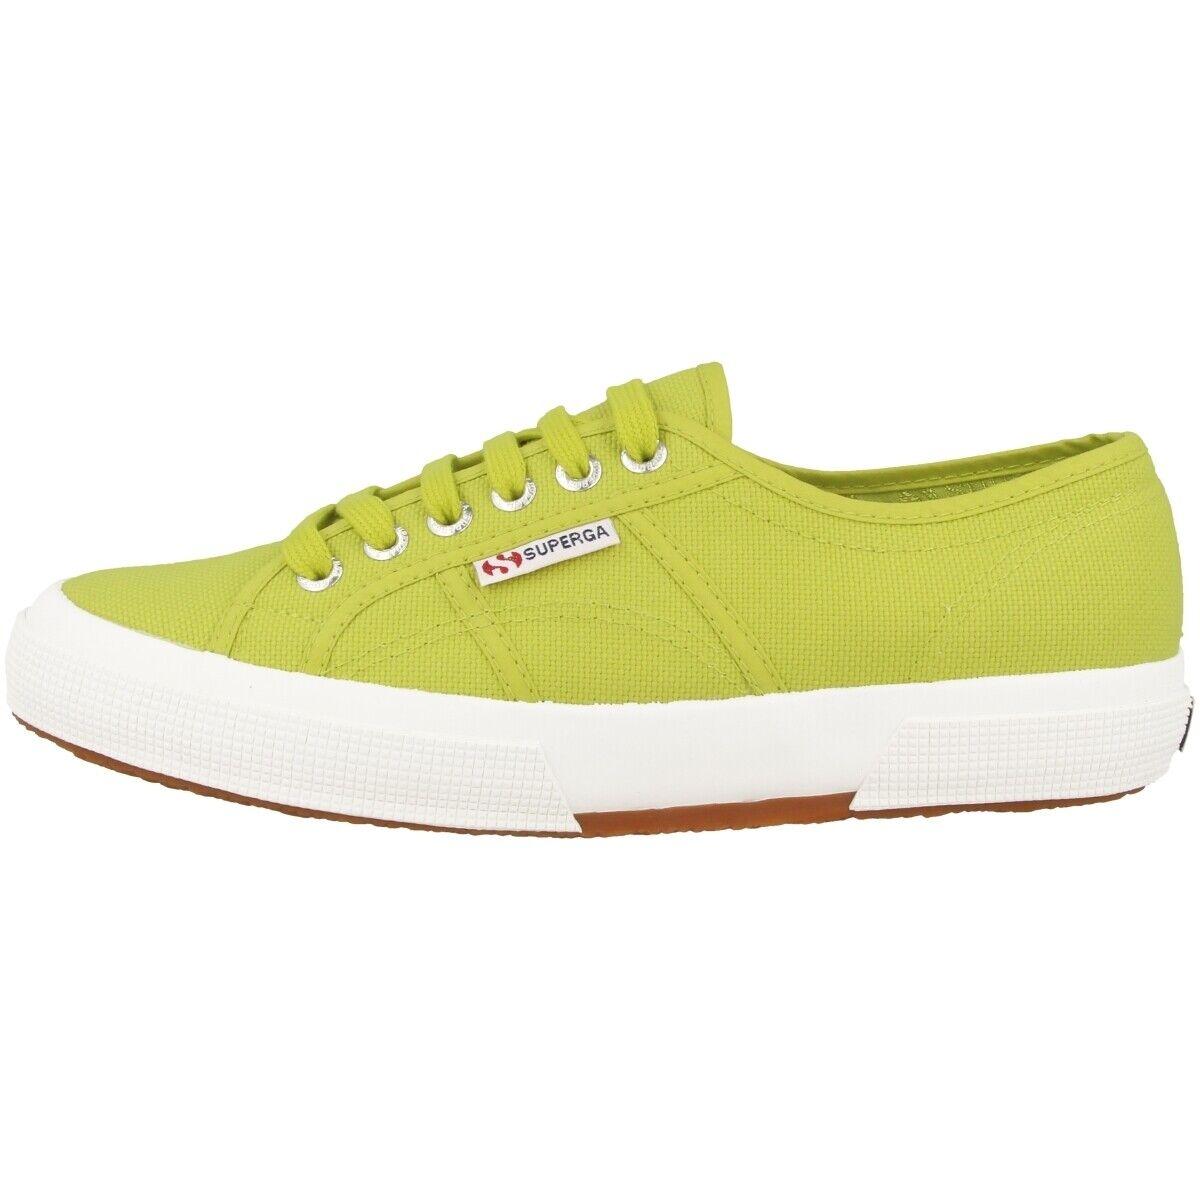 Superga Sneaker DAMENSCHUHE Turnschuhe Cotu Classic S001820 C28 Apple grün EUR 36